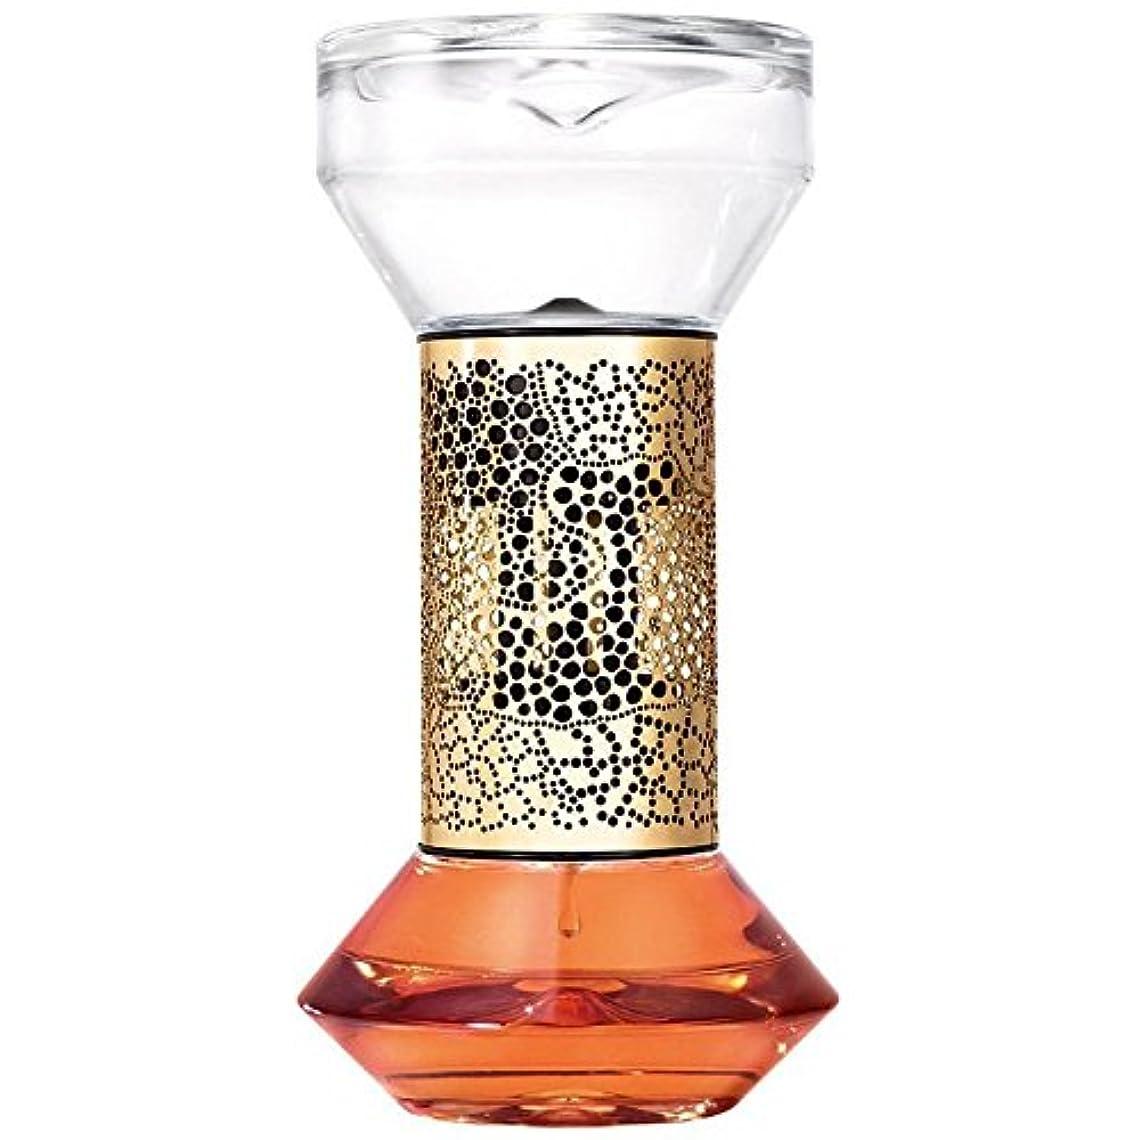 雄弁機密ブラウンDiptyque - Orange Blossam Hourglass Diffuser (ディプティック オレンジ ブロッサム アワー グラス ディフューザー) 2.5 oz (75ml) New